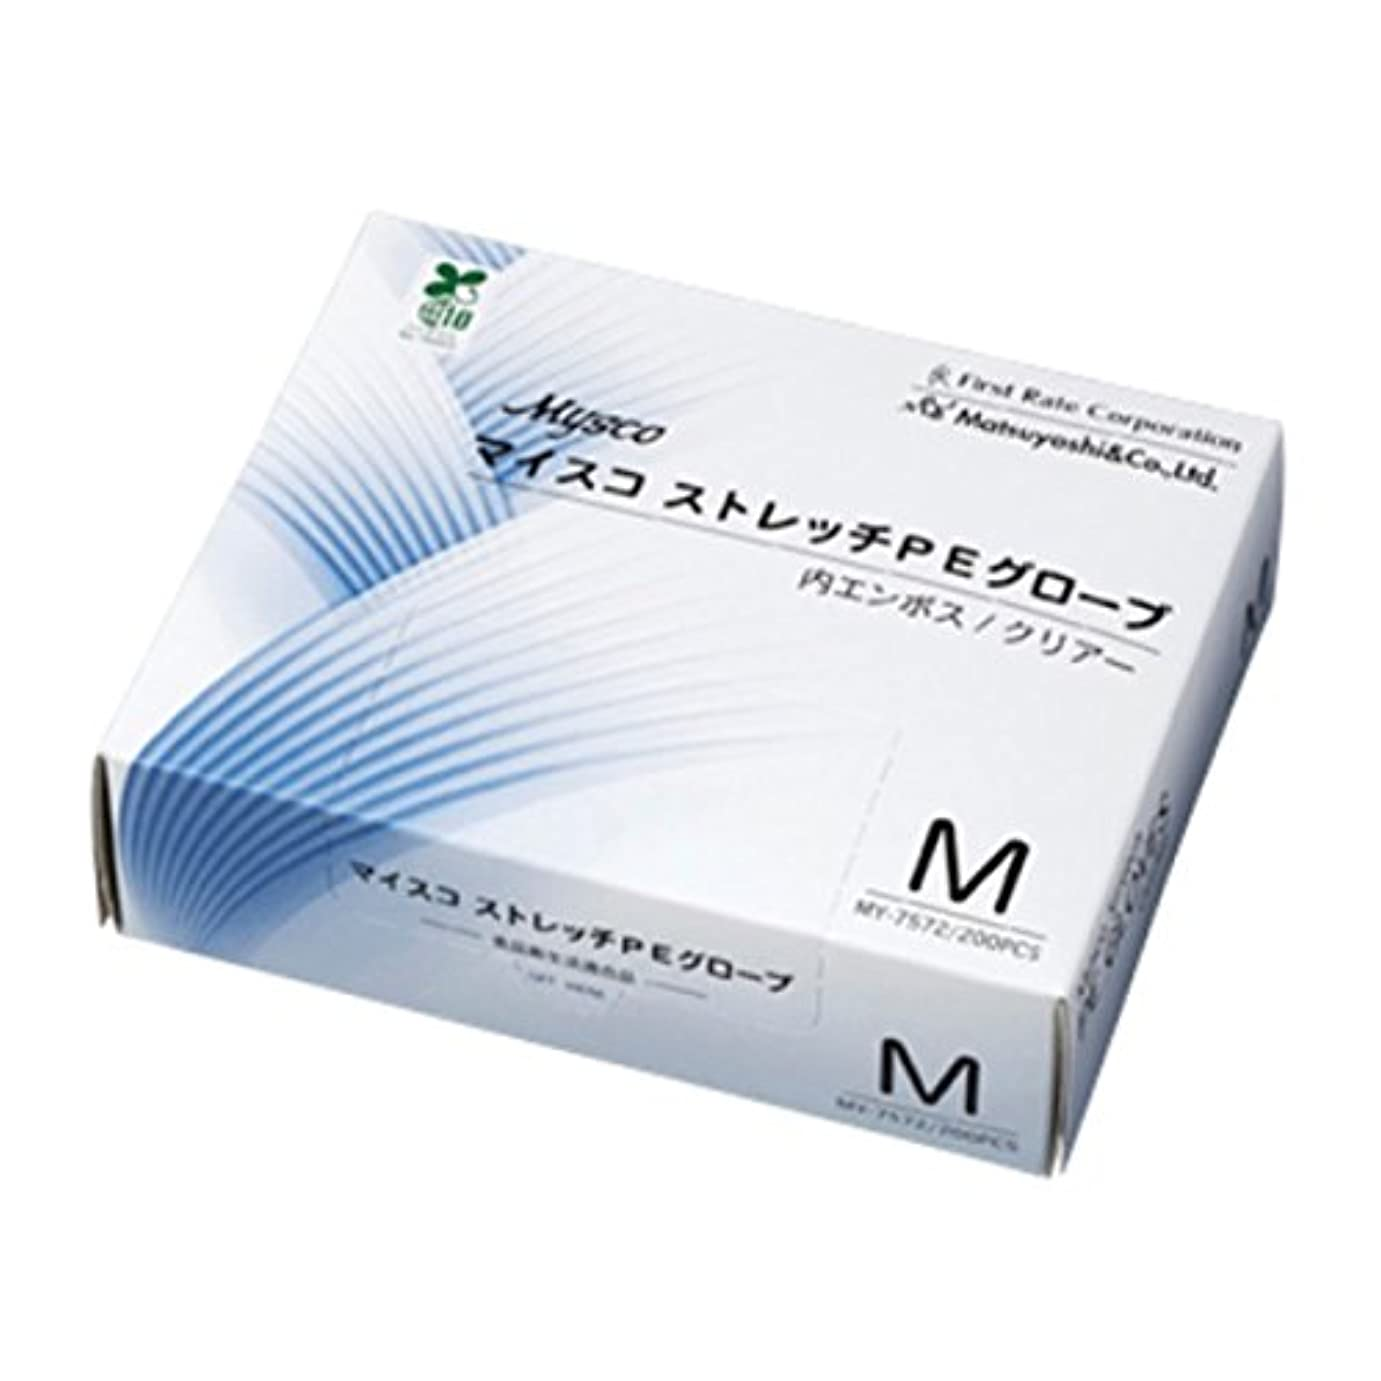 ジョグビジネス太平洋諸島【ケース販売】マイスコ ストレッチPEグローブ M 200枚入×40箱